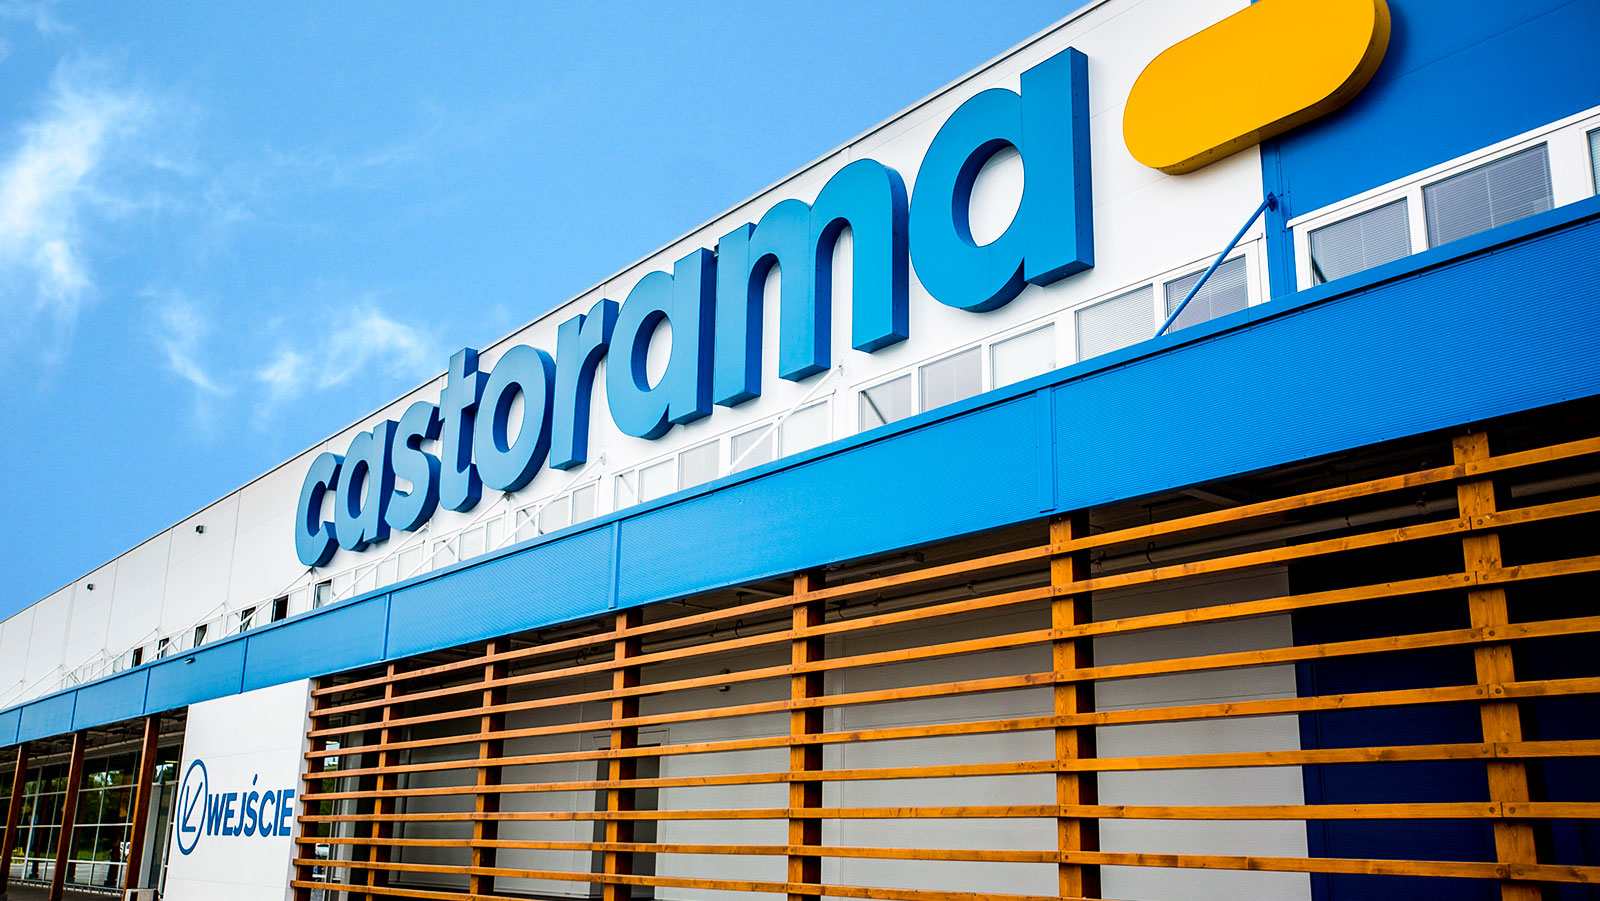 aa2505b18bfb Ритейлер Kingfisher объявил, что его сеть Castorama, специализирующаяся на  продаже вещей для дома и ремонта, уходит из России, пишет Интерфакс.